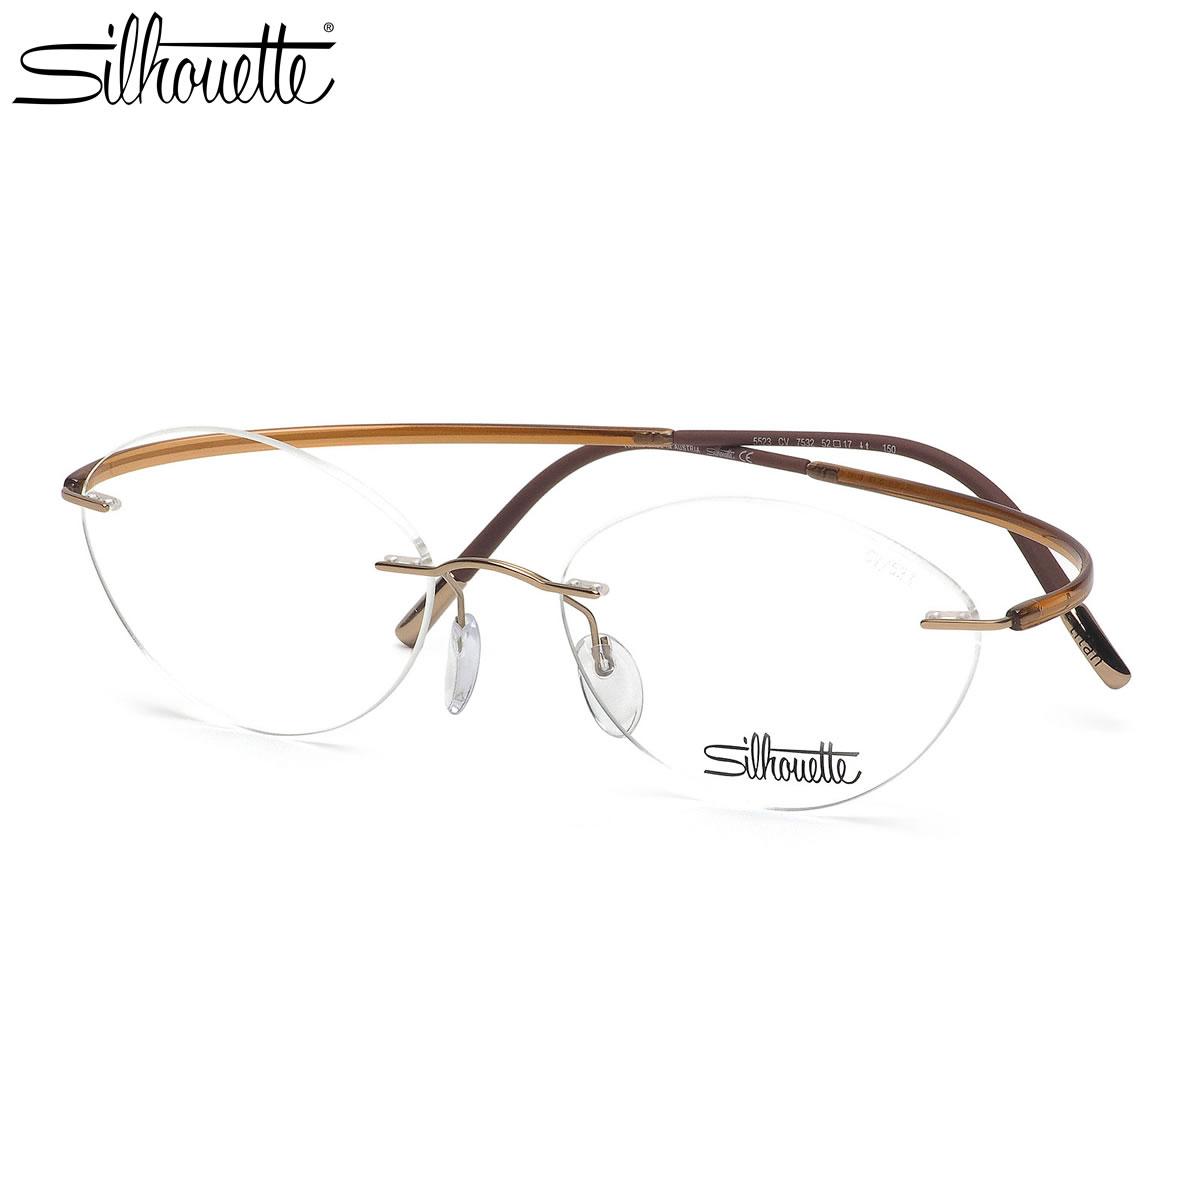 シルエット Silhouette メガネ 5523/CV 7532 52サイズ 伊達メガネレンズ無料 メンズ レディース